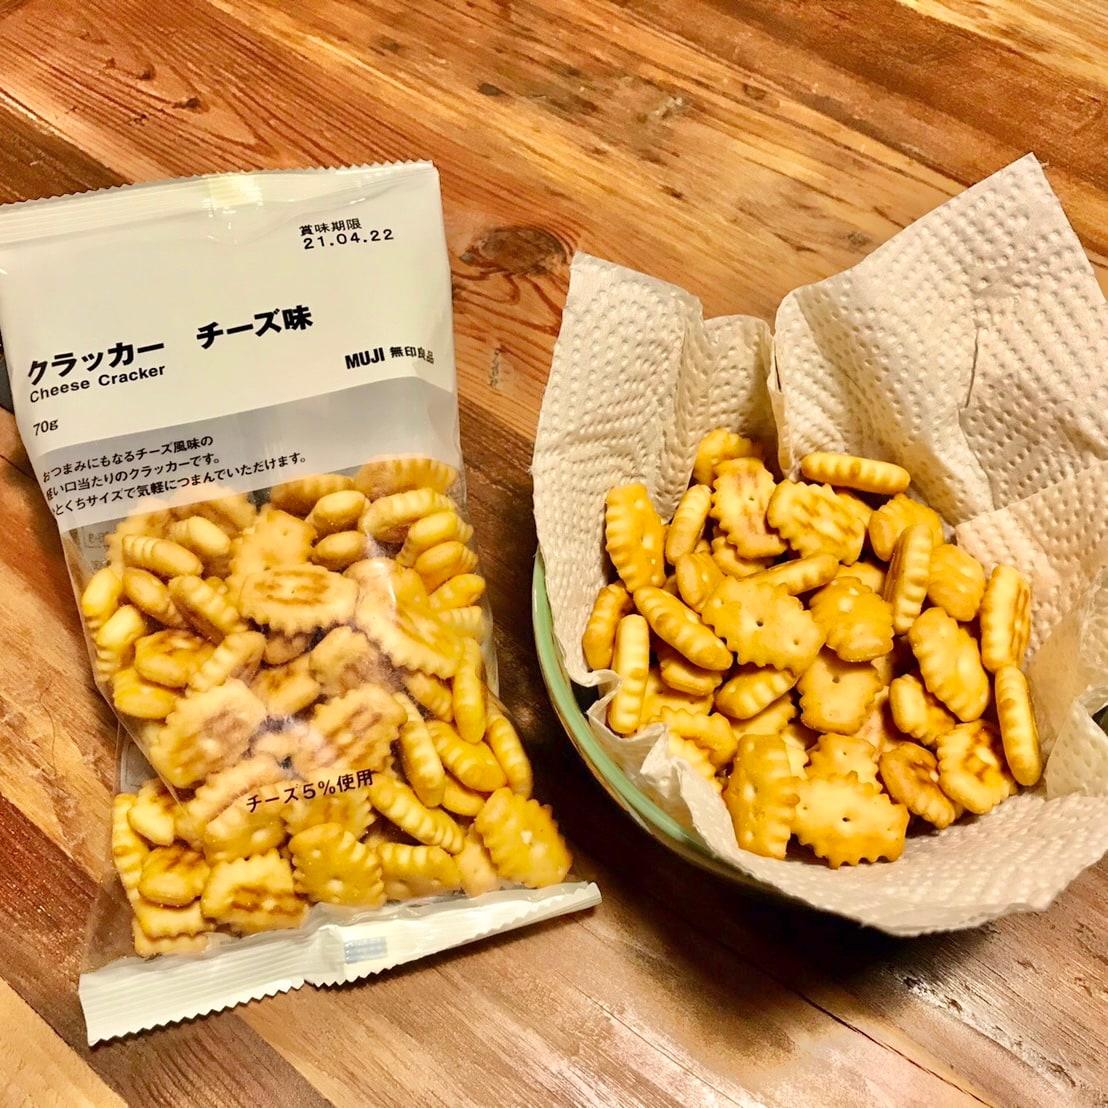 【ザ・モール郡山】チーズクラッカー